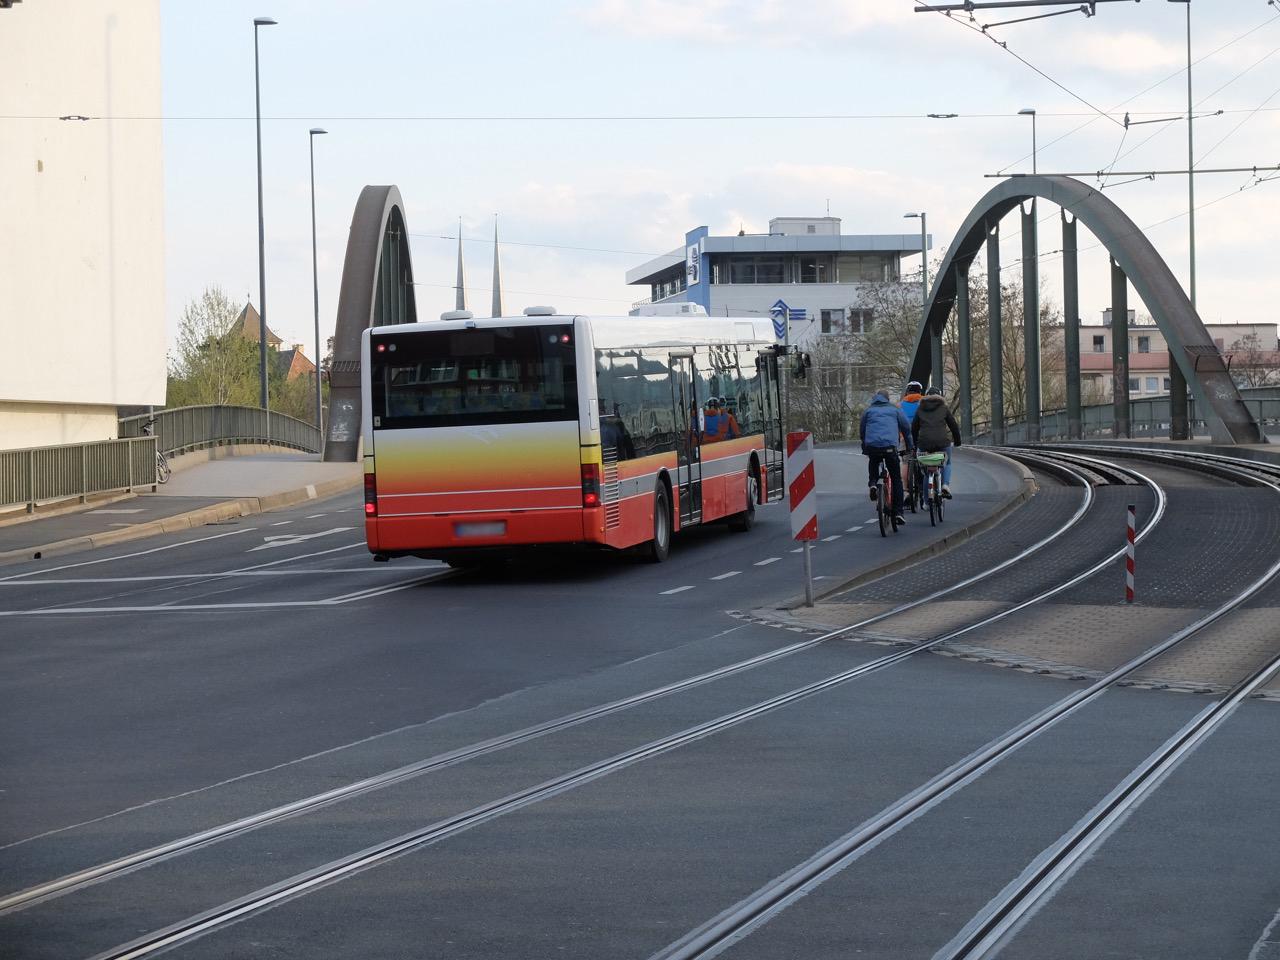 Grombühlbrücke: Platz für RadfahrerInnen: | Radfaherzone.de